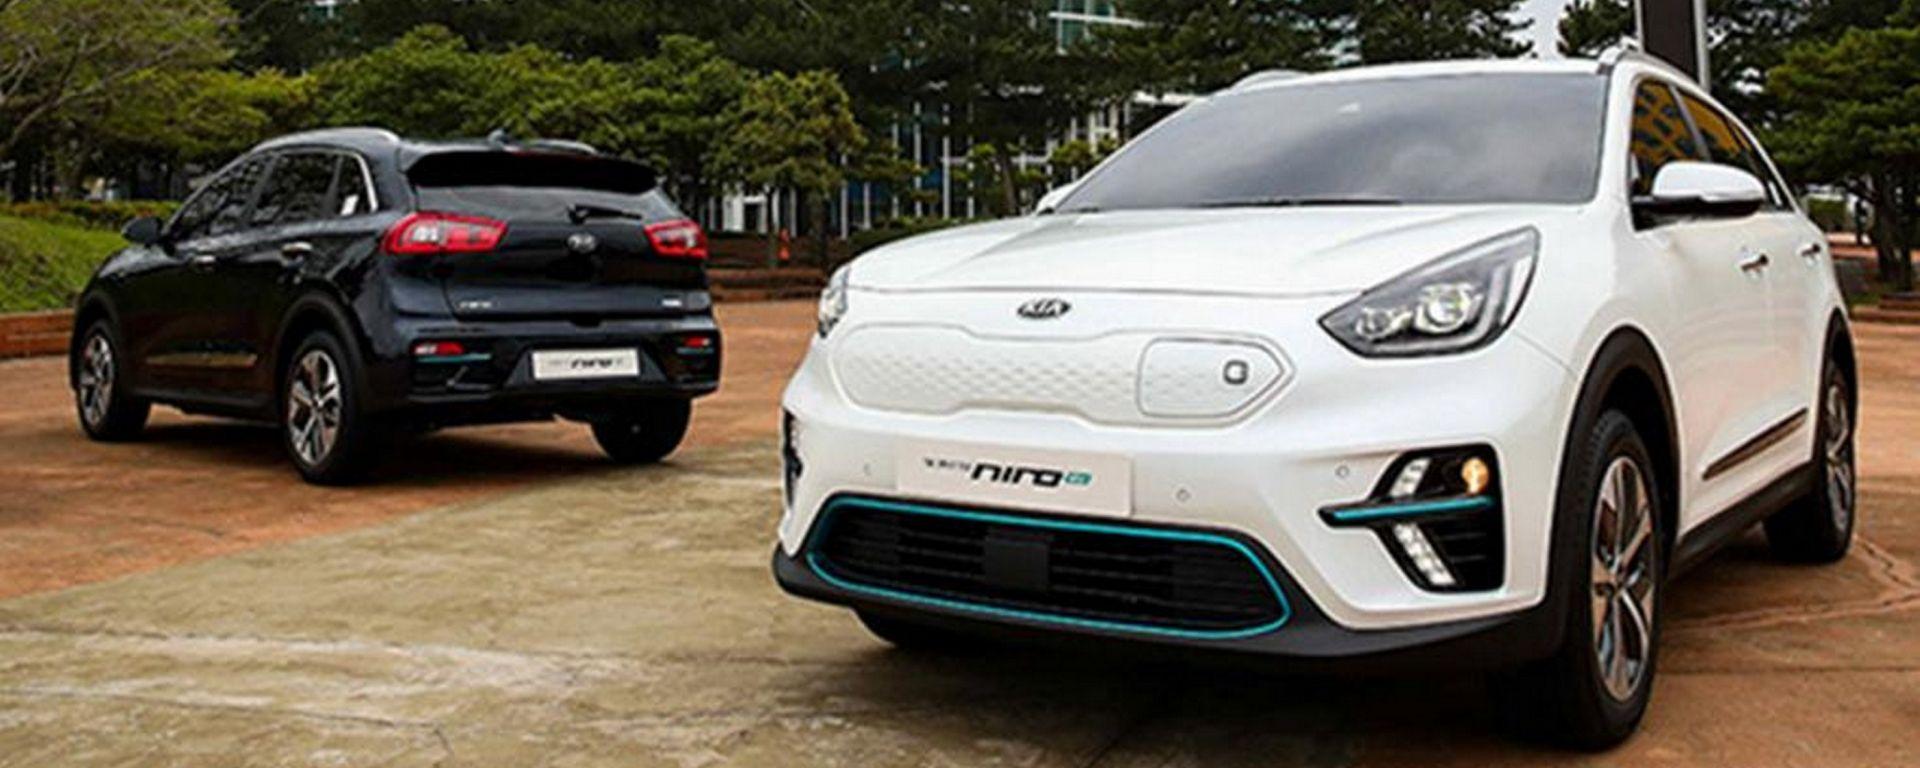 Kia Niro EV 2018: il SUV elettrico presentato prima in Corea